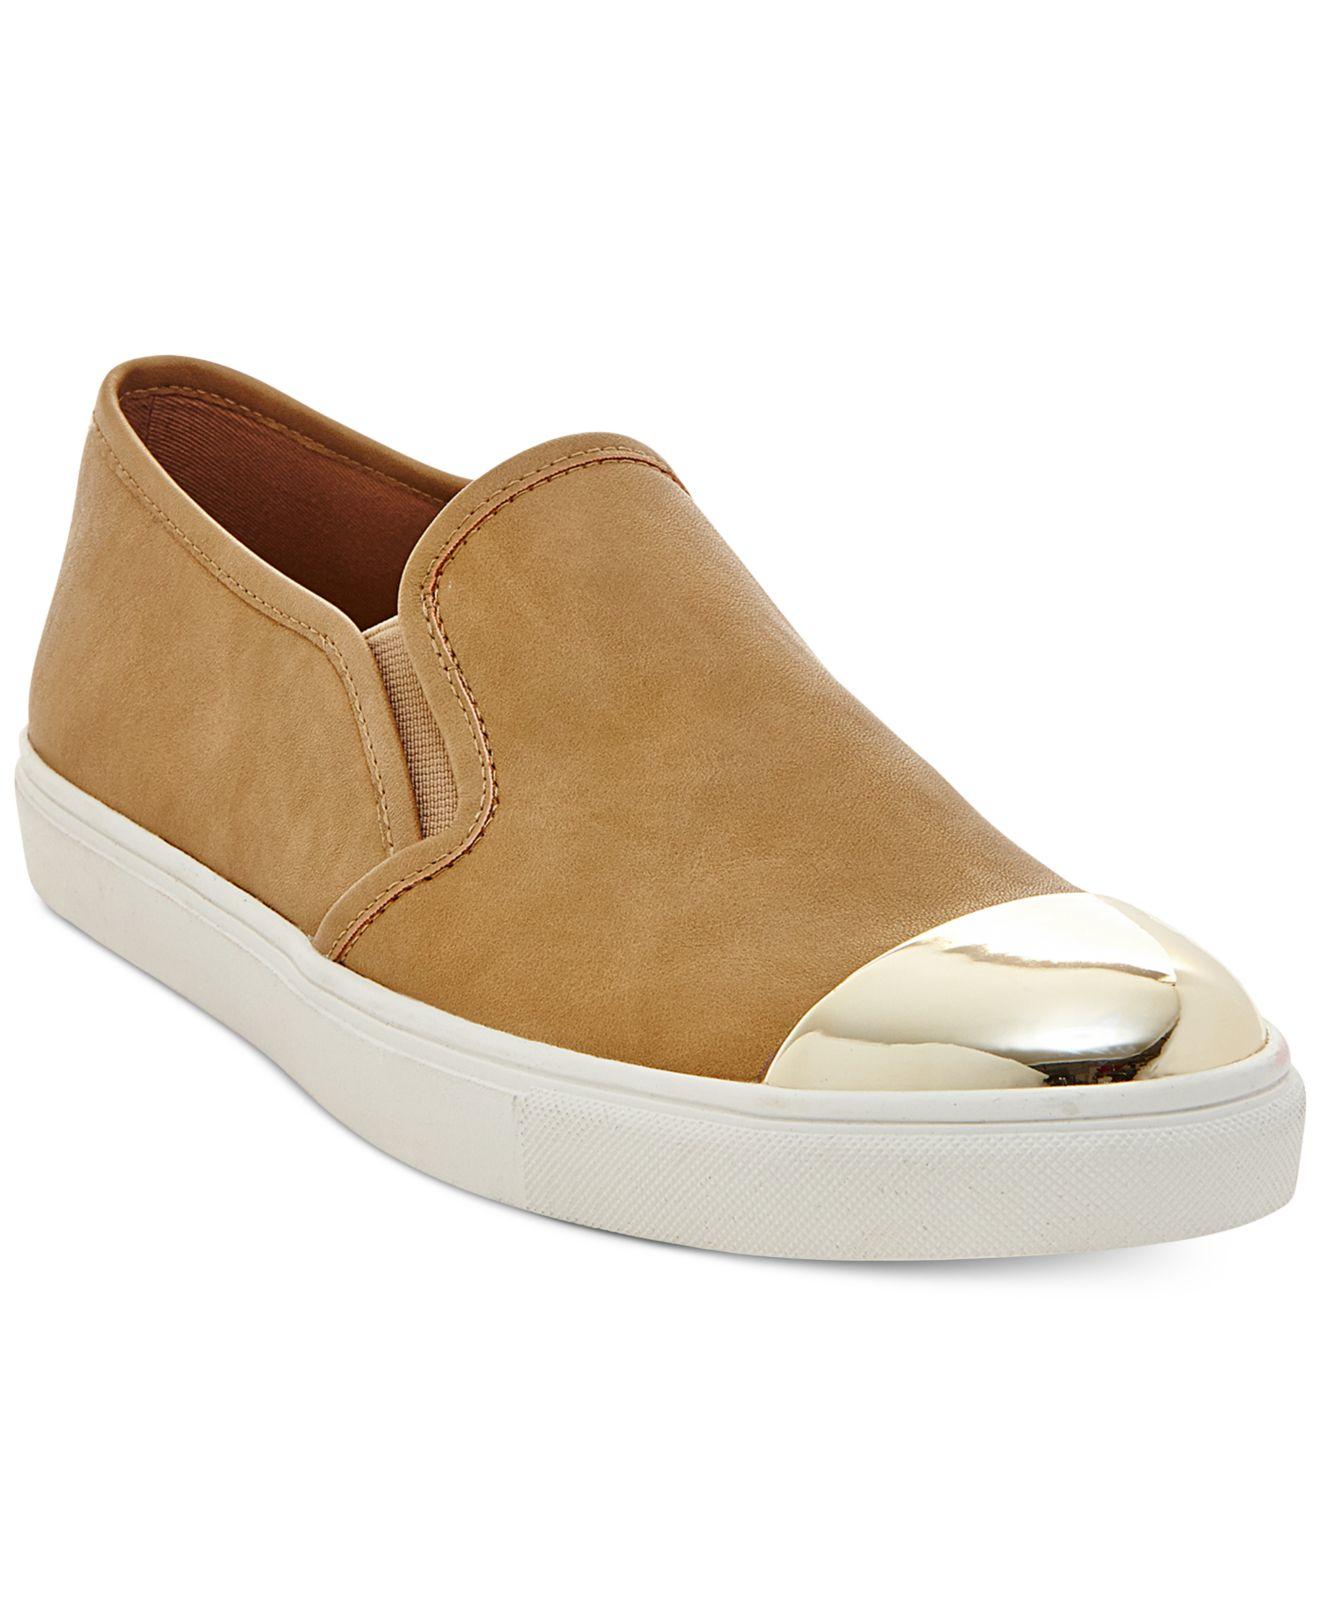 Macys Womens Shoes Steve Madden